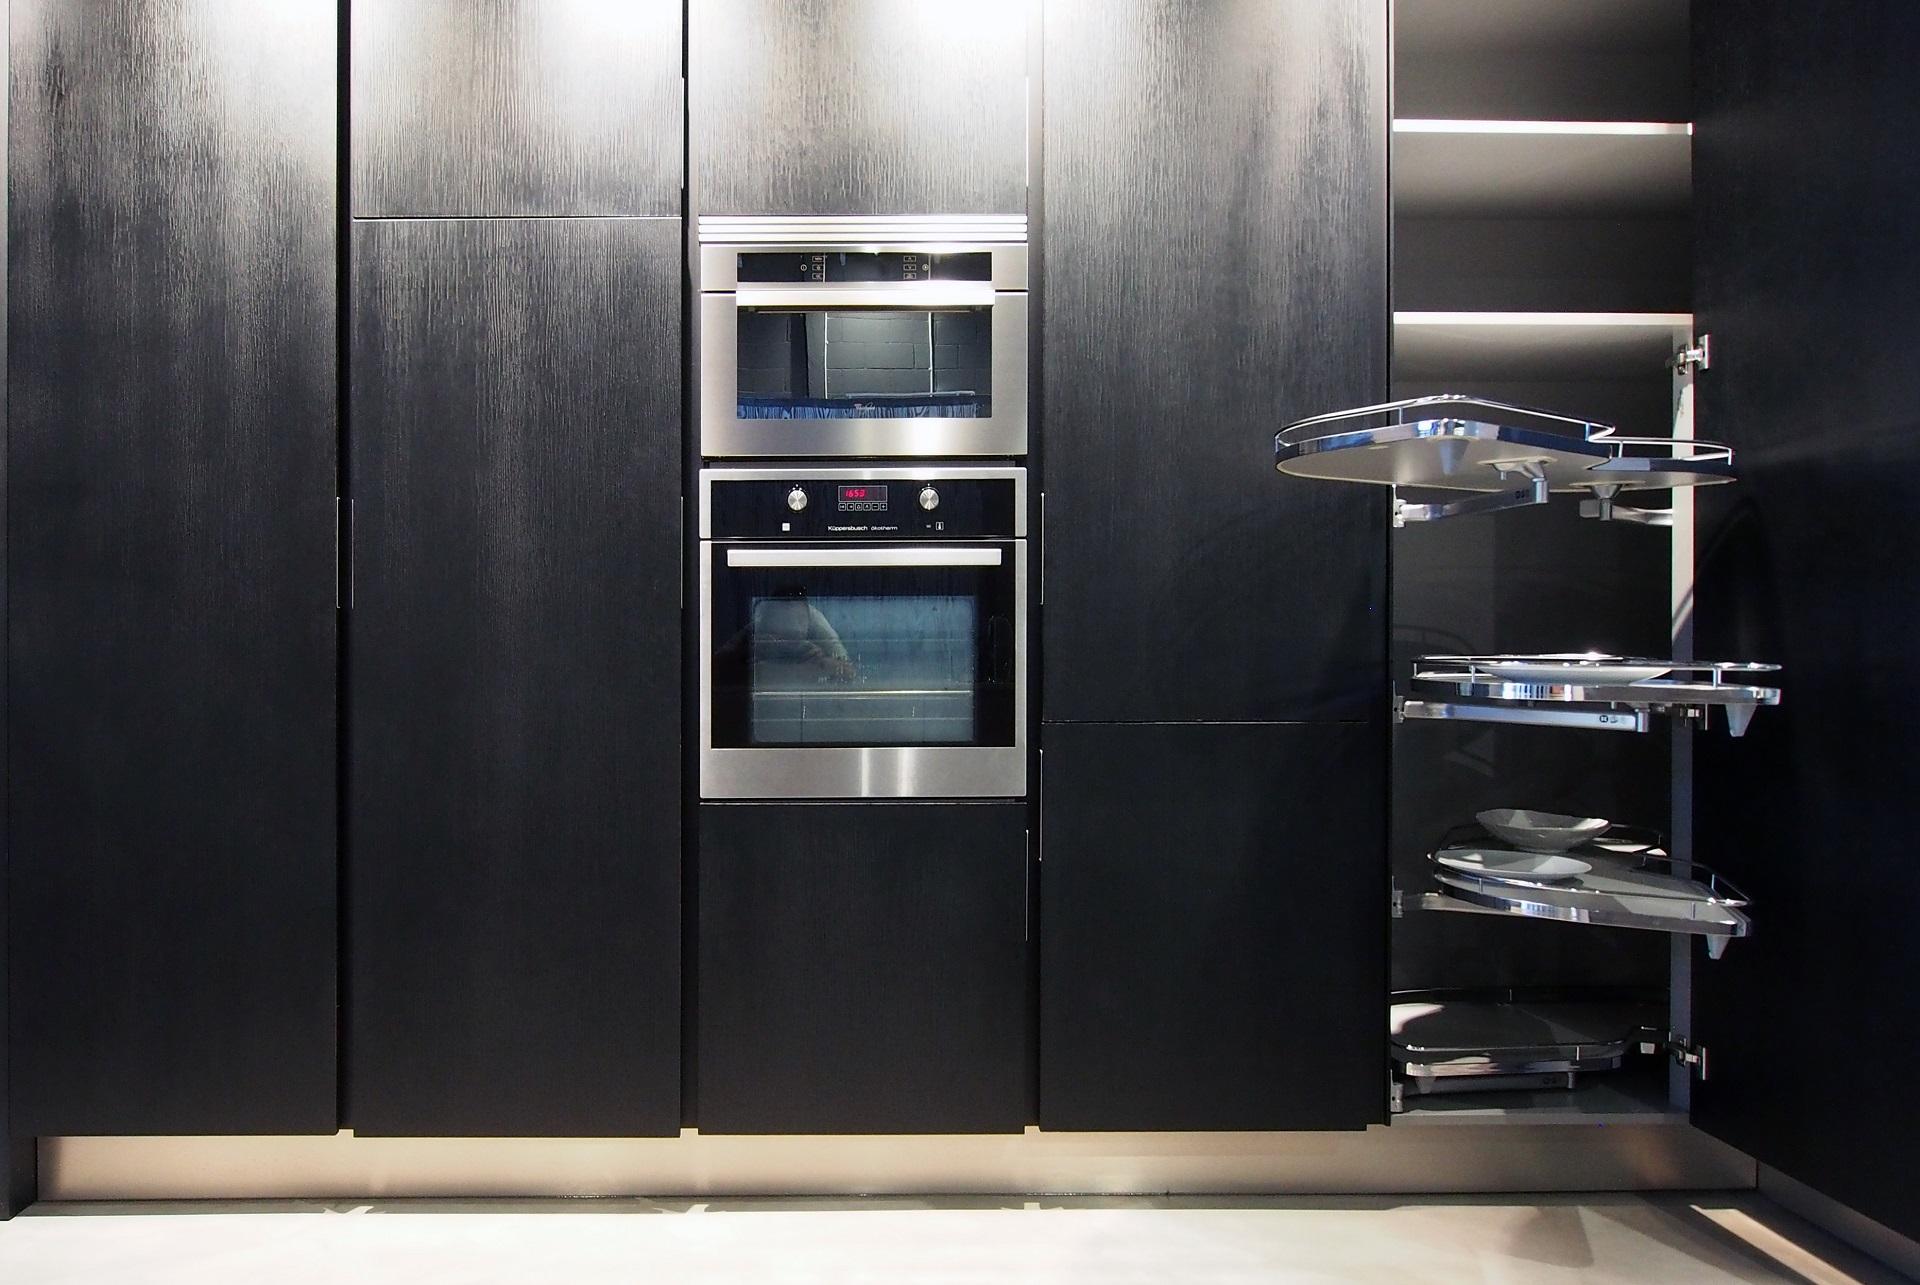 como optimizar cocinas despensa 1